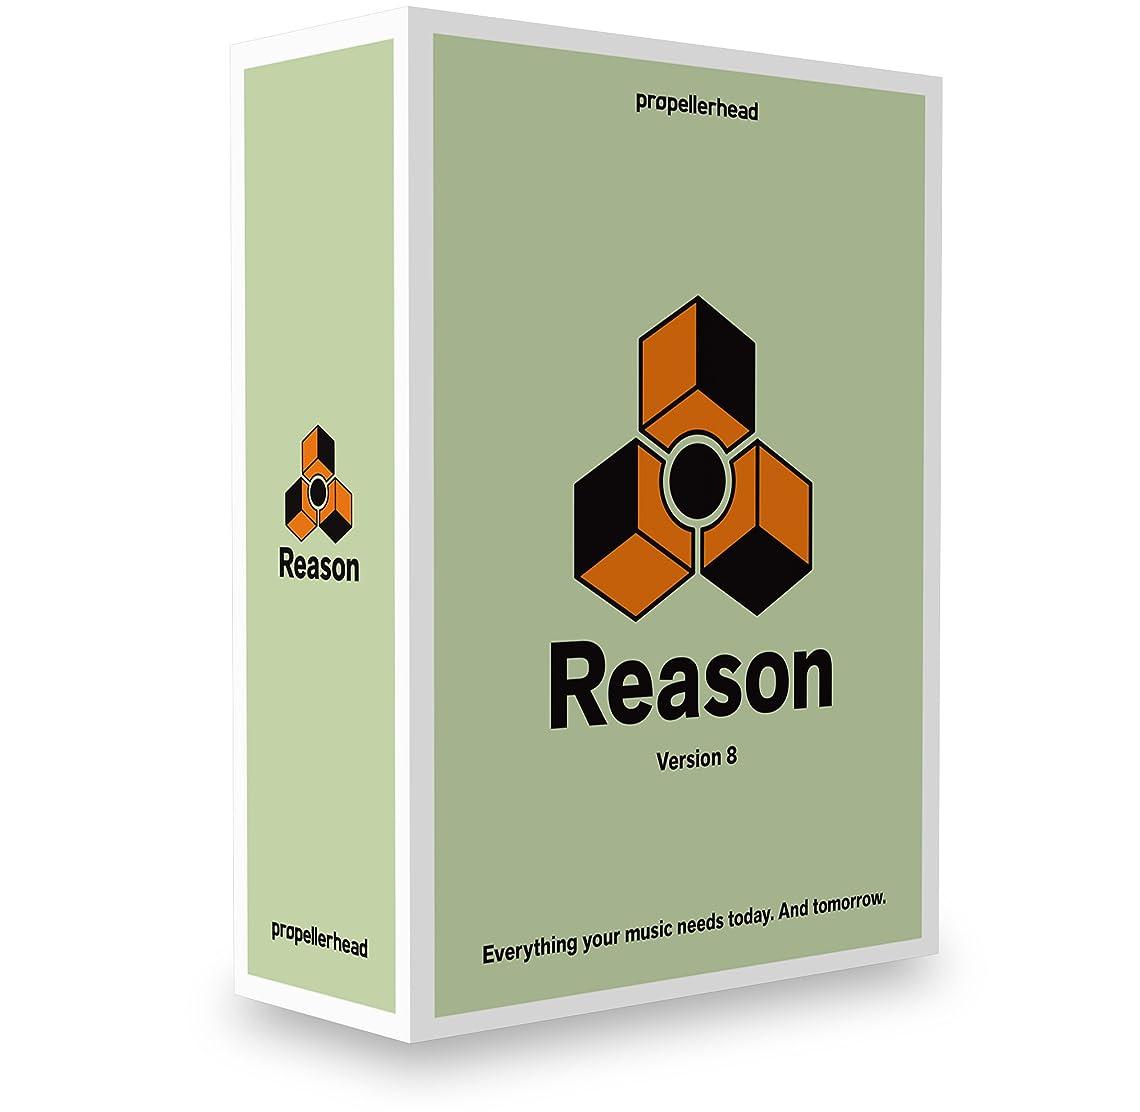 遺跡選出する恐れReason 8 Upgrade Music Software